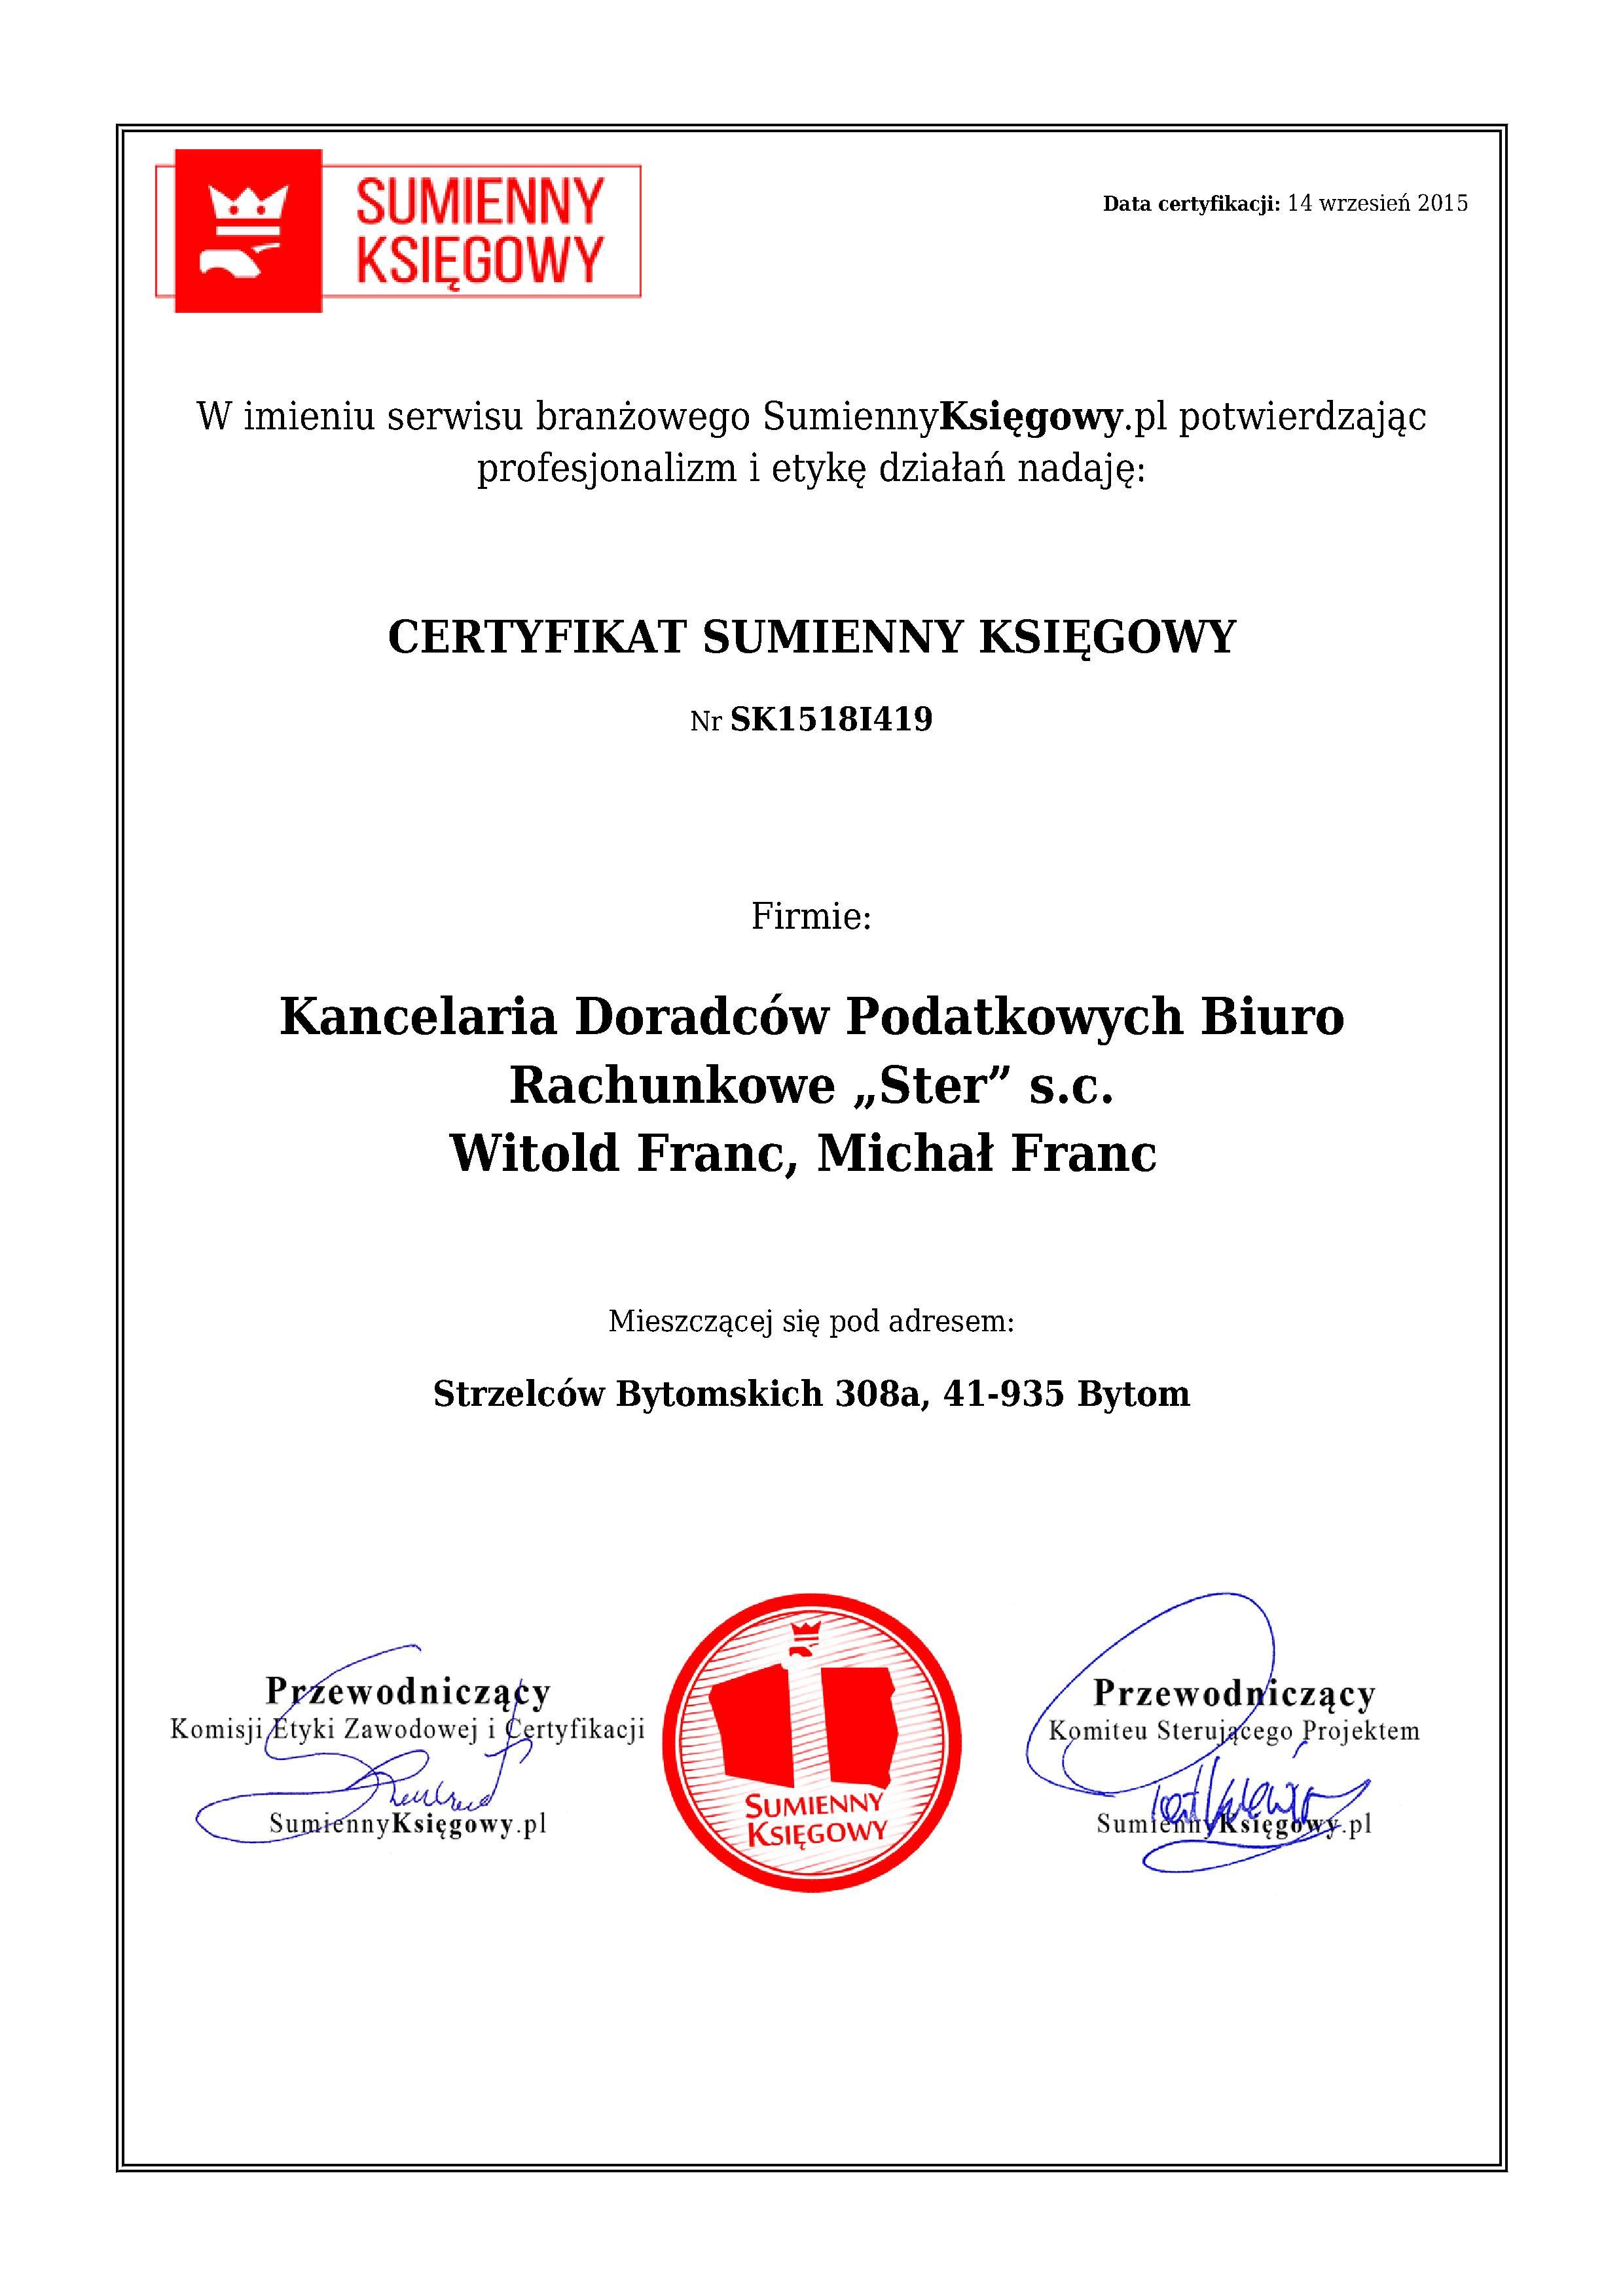 """Certyfikat Kancelaria Doradców Podatkowych Biuro Rachunkowe """"Ster"""" s.c. Witold Franc, Michał Franc"""